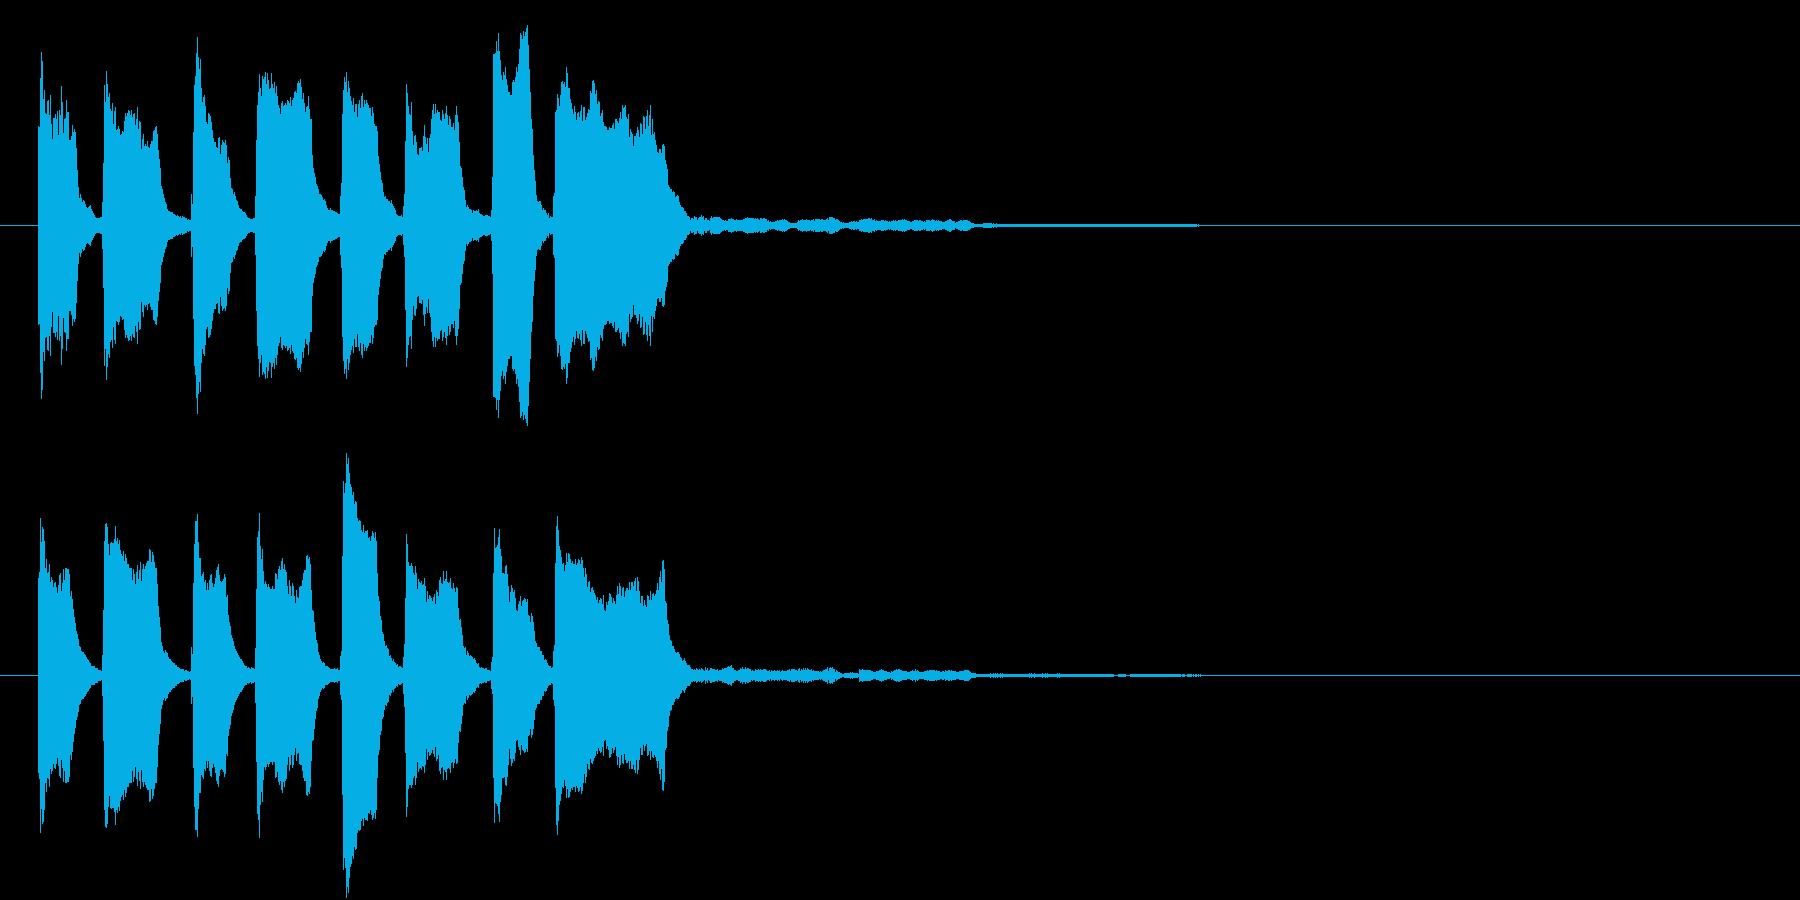 ピコピコピコピコン(クイズ正解)の再生済みの波形